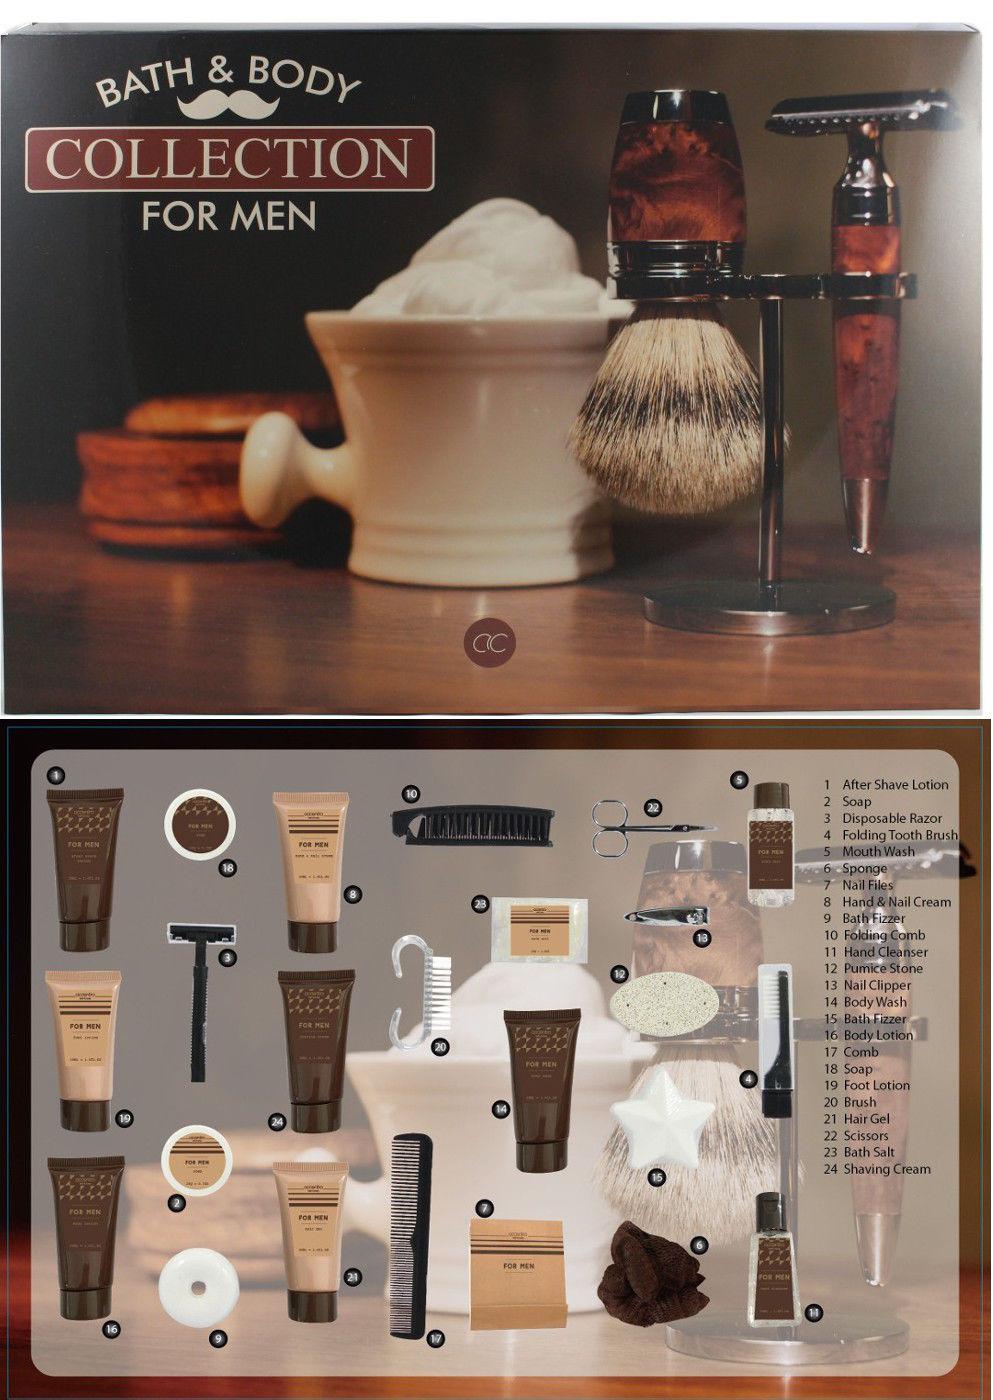 accentra: FOR MEN XXL Adventskalender BATH & BODY für Männer, limitiert 2017